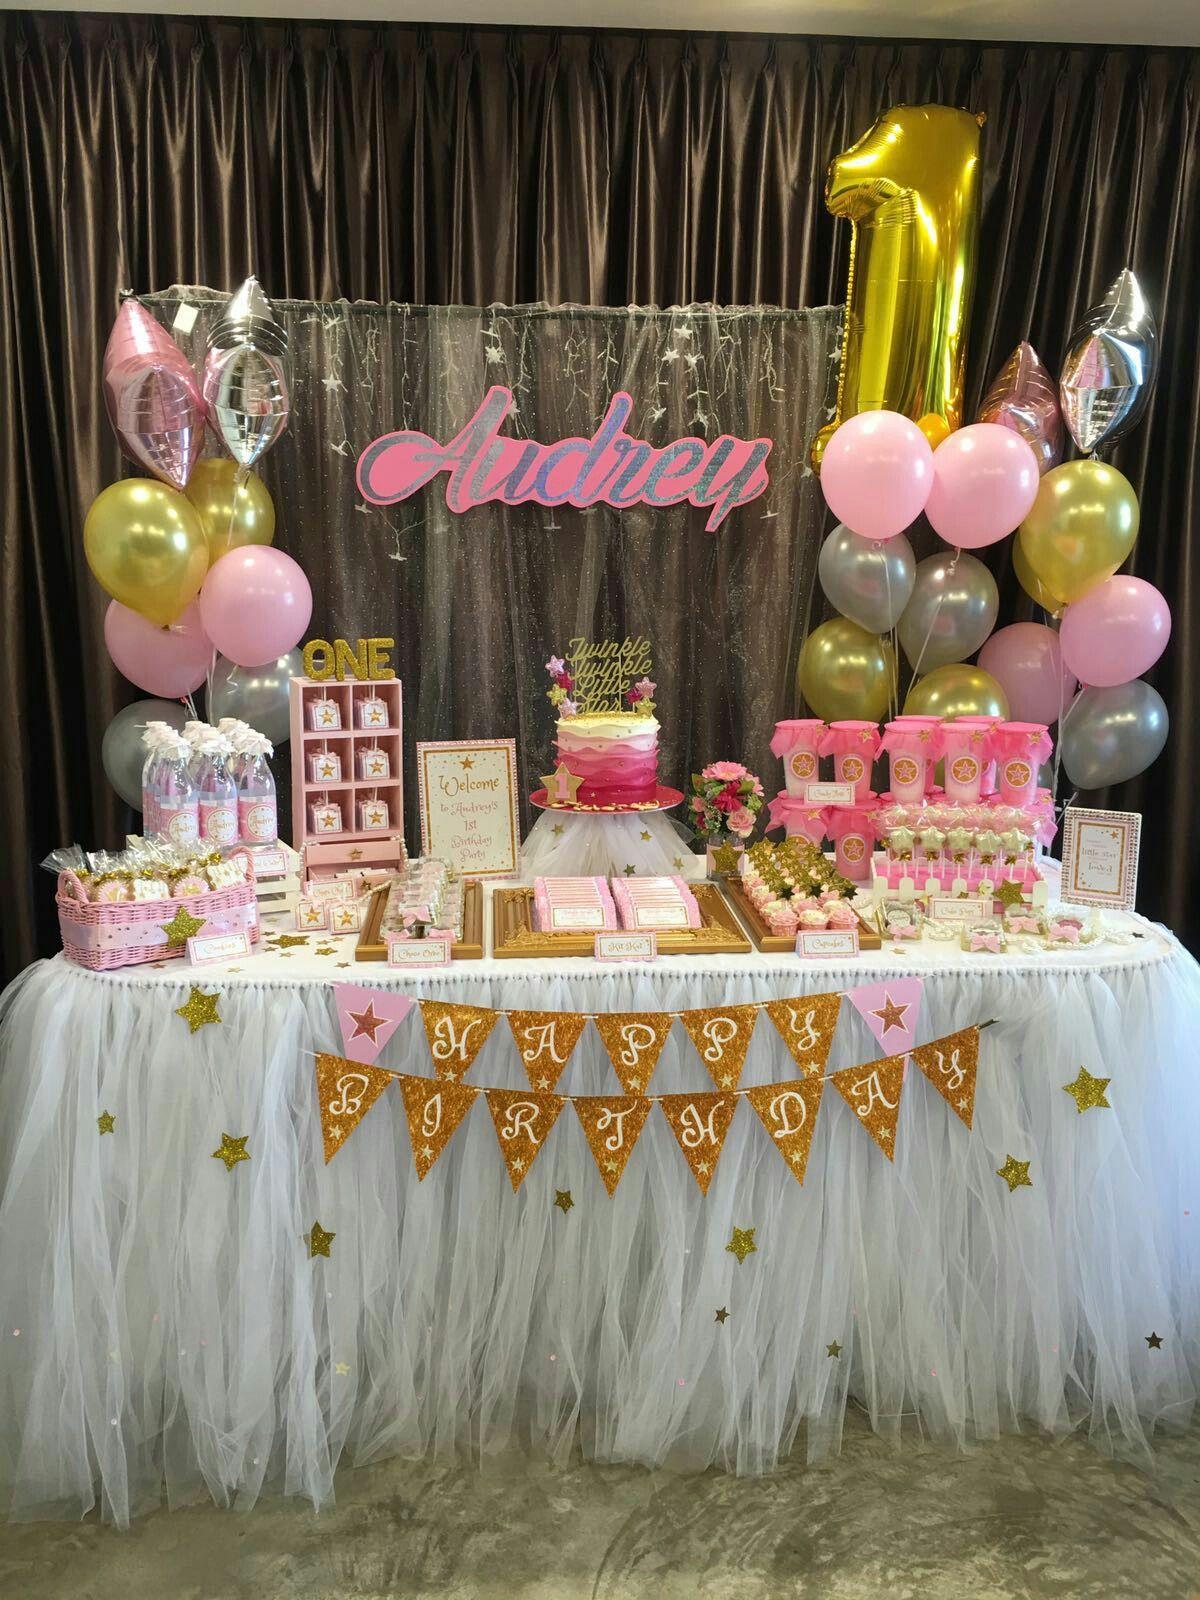 Twinkle Twinkle Little Star Dessert Table Backdrop Star Birthday Party Twinkle Twinkle Little Star Twinkle Twinkle